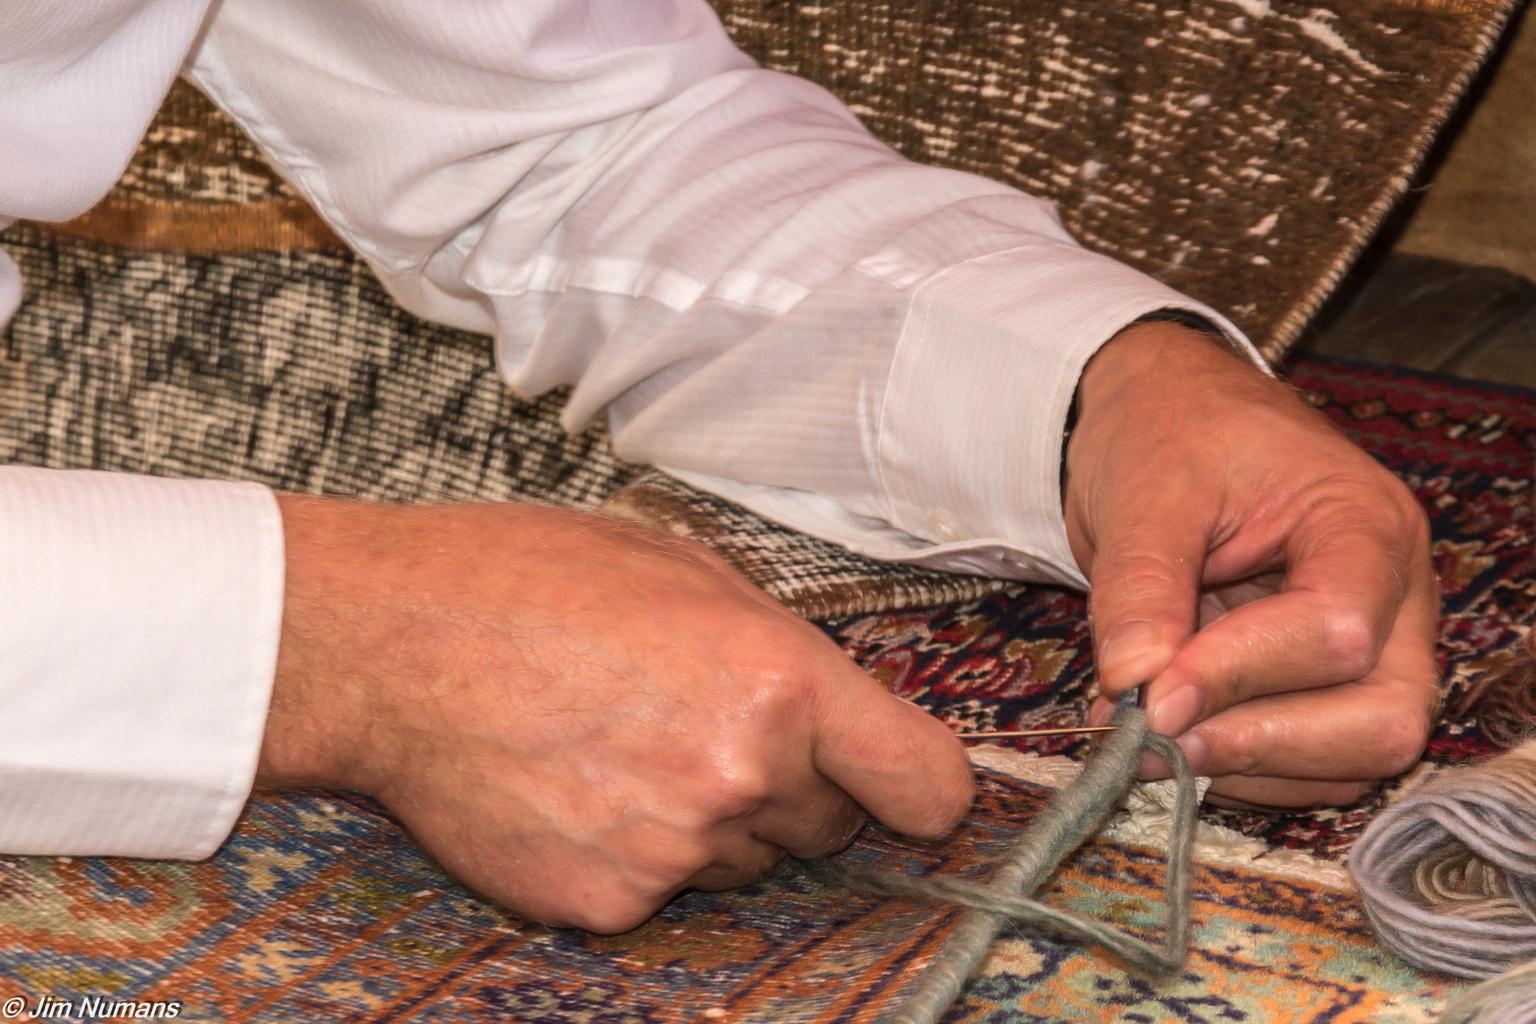 """Tapijtknoper - Een iets oudere foto uit een serie """"handen"""" Tijdens een demonstratie liet deze tapijtknoper zijn vaardigheden zien. Hier bezig met het afwerken van d - foto door Jimbob op 10-04-2021 - deze foto bevat: handen, nijverheid, hand, mens, gebaar, vinger, nagel, duim, pols, hout, patroon, engineering"""